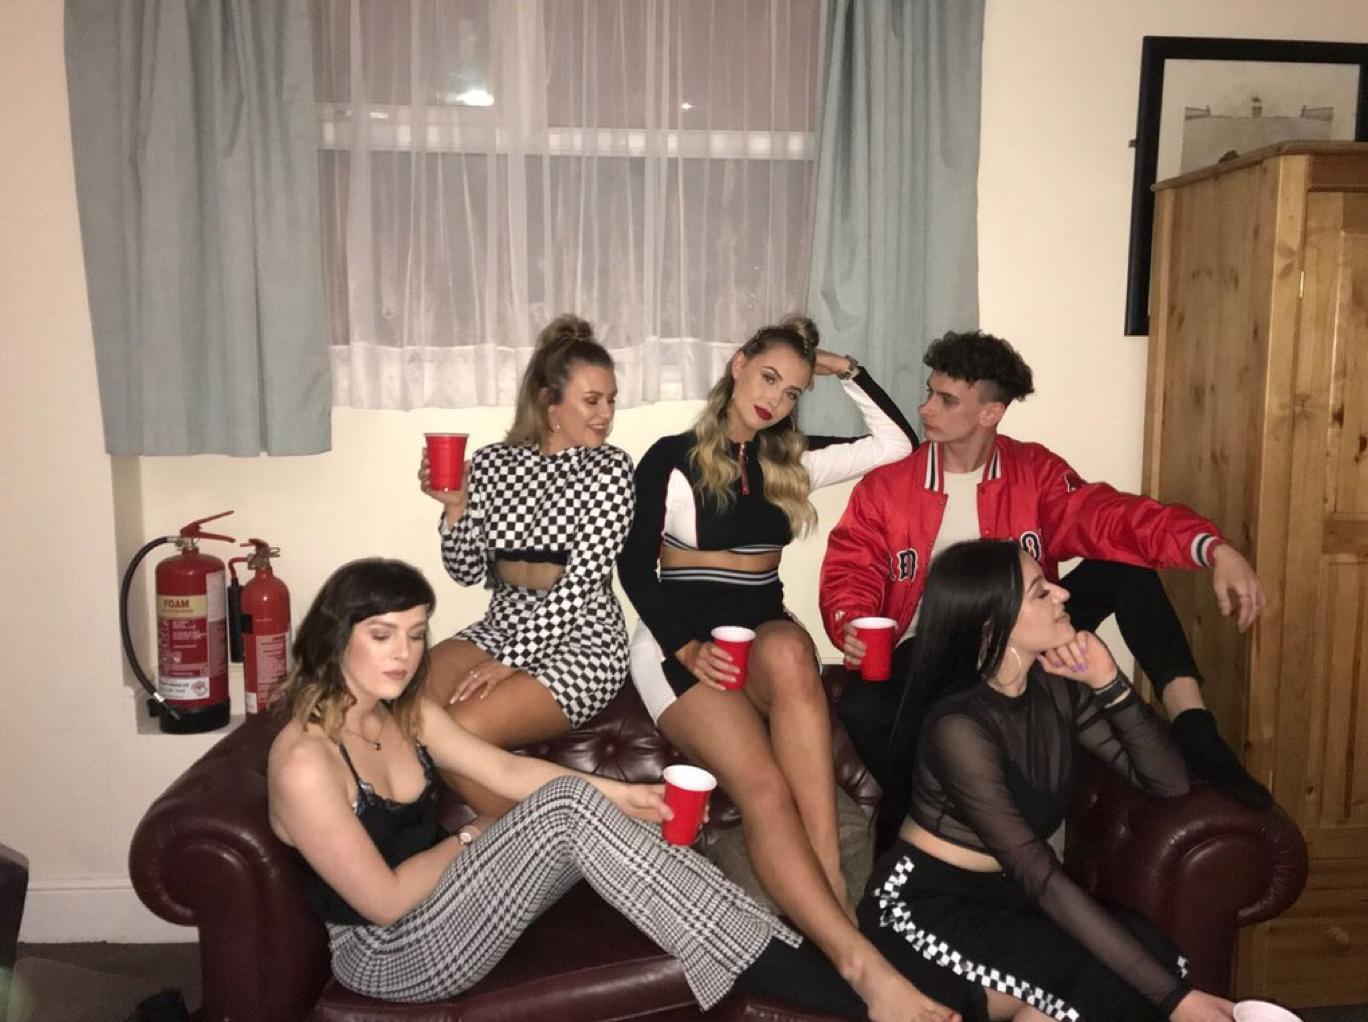 Little Mix Fans - Darcy Kitchener